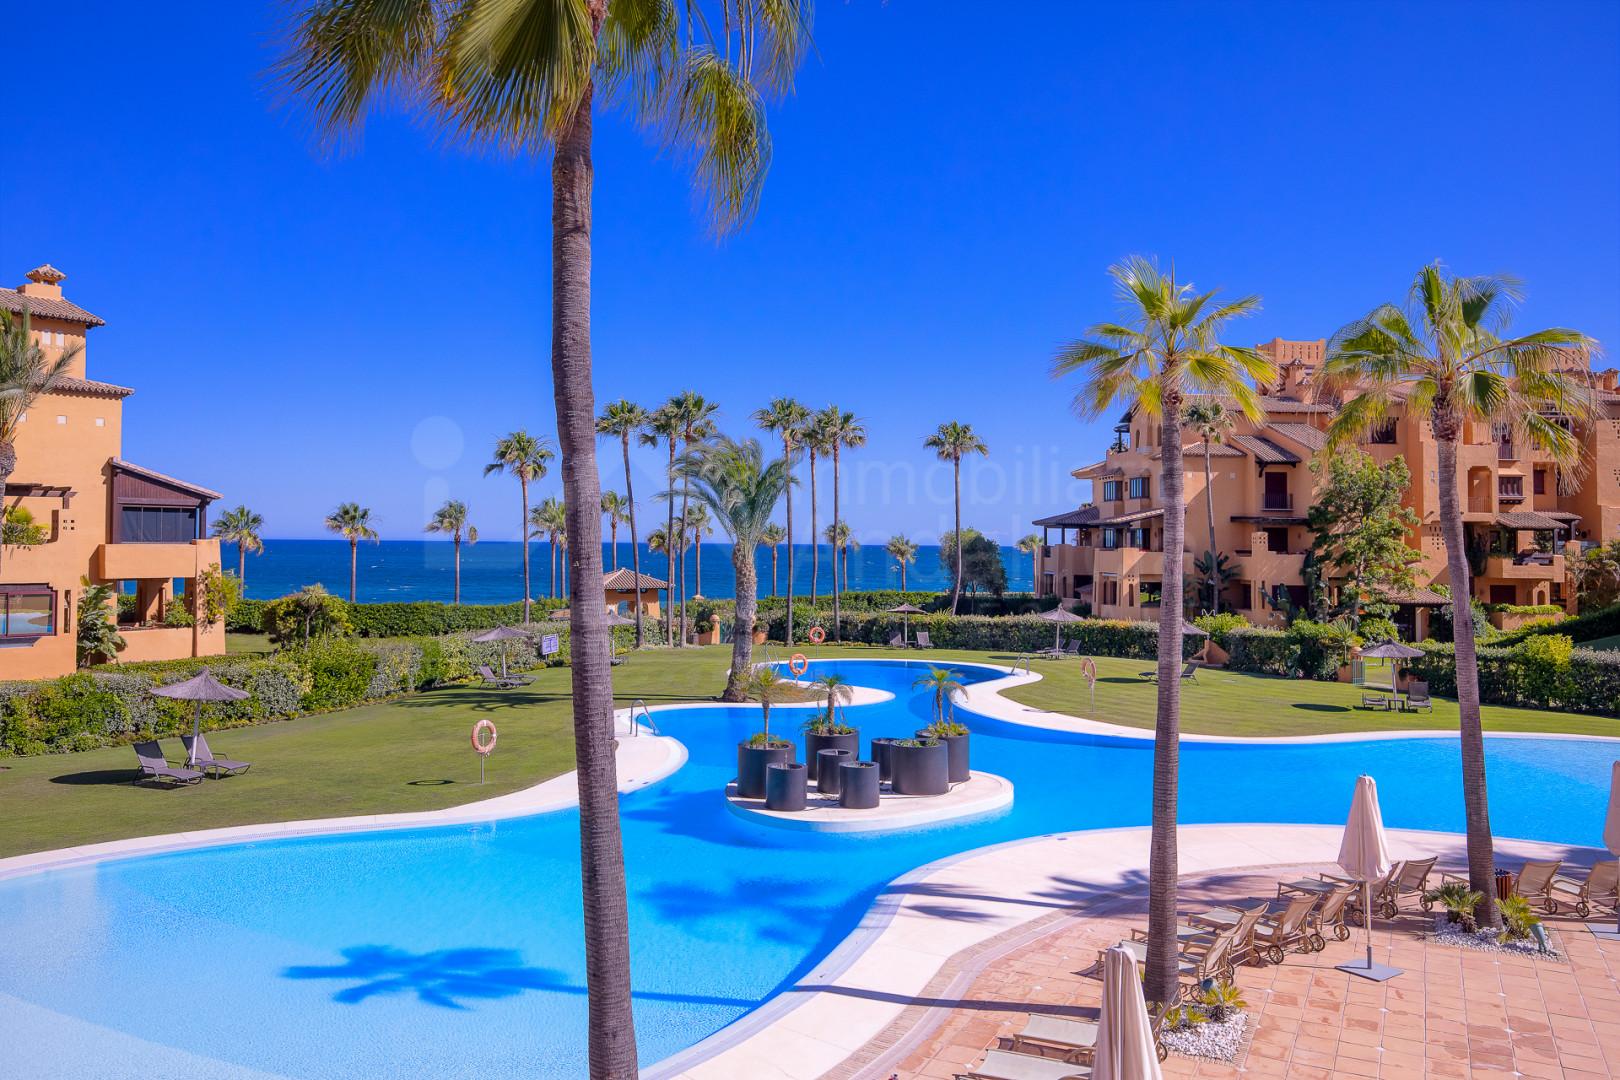 3 bedroom apartment  with sunny and bright terrace in The Frontline Beach complex Los Granados del Mar- Estepona